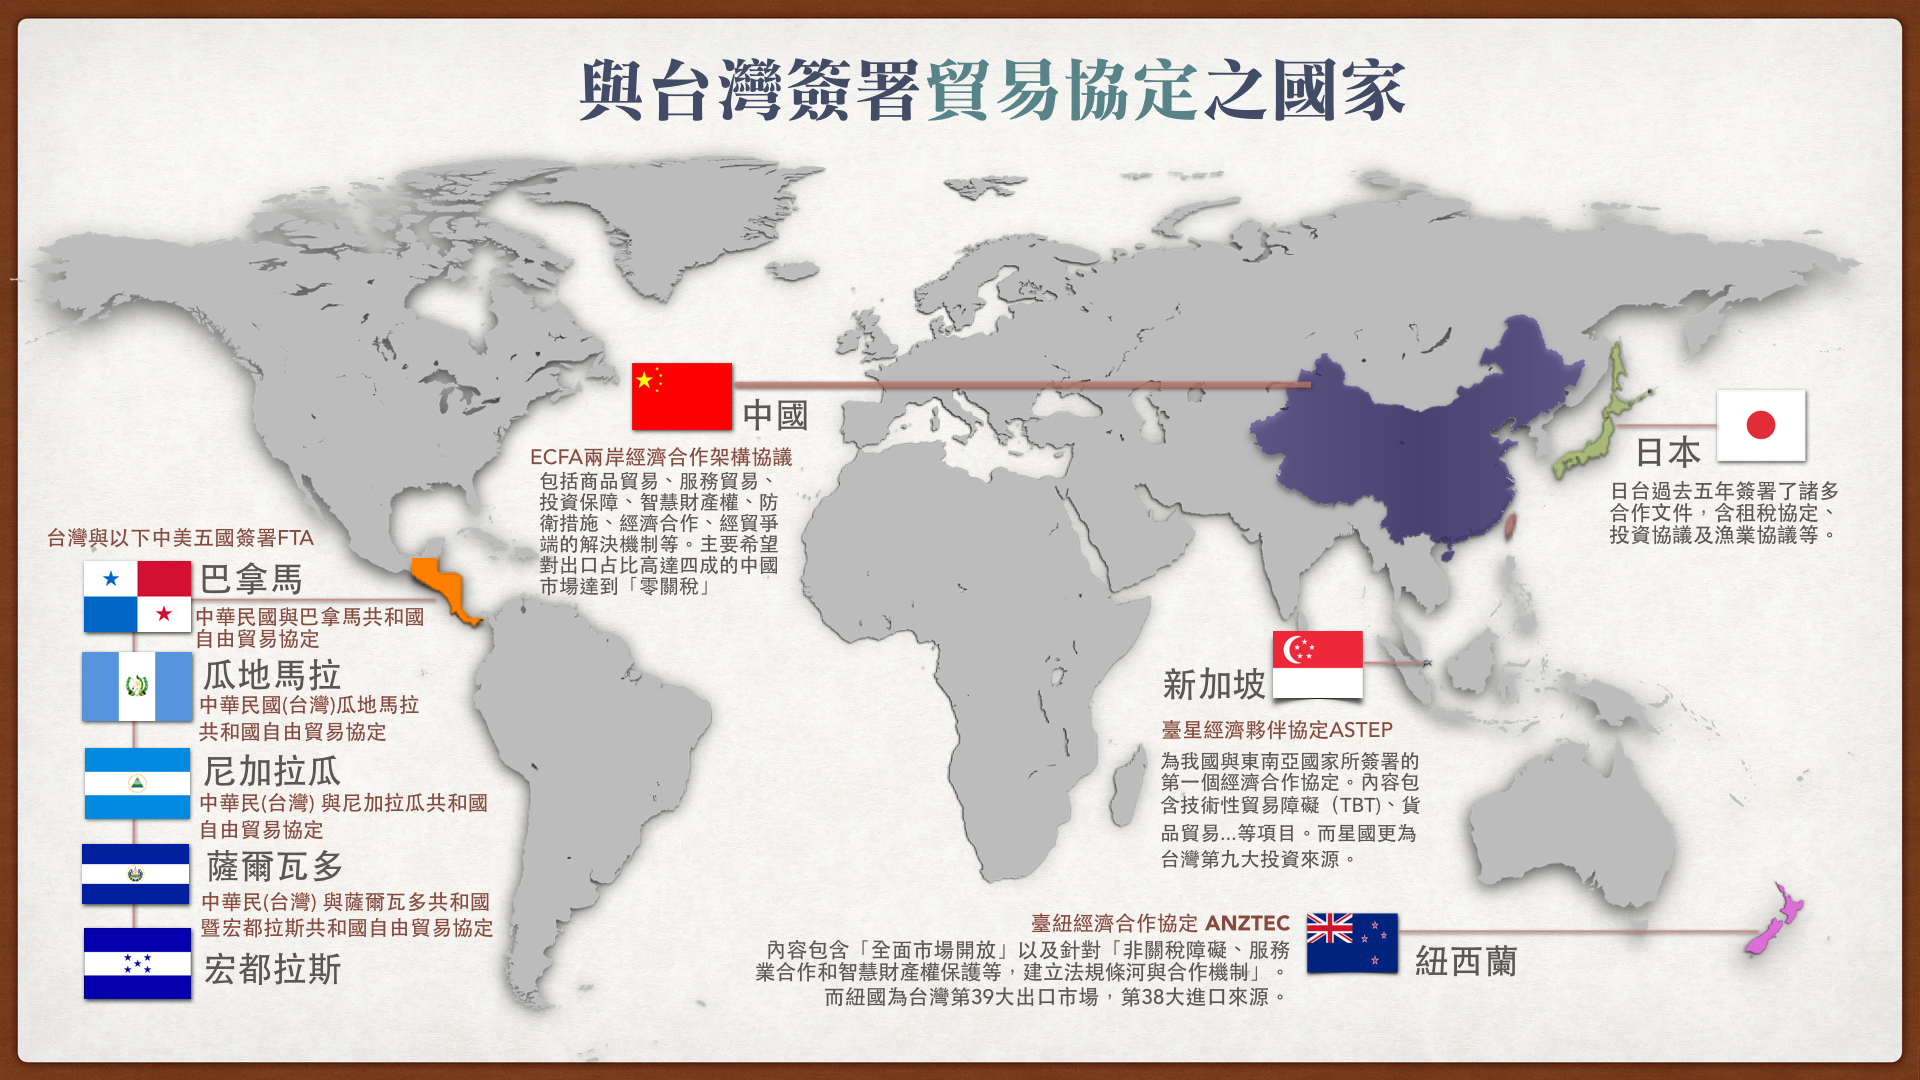 與台簽處貿易協定之國家總覽。(資料來源:經濟部國際貿易局)製圖/翁悅心